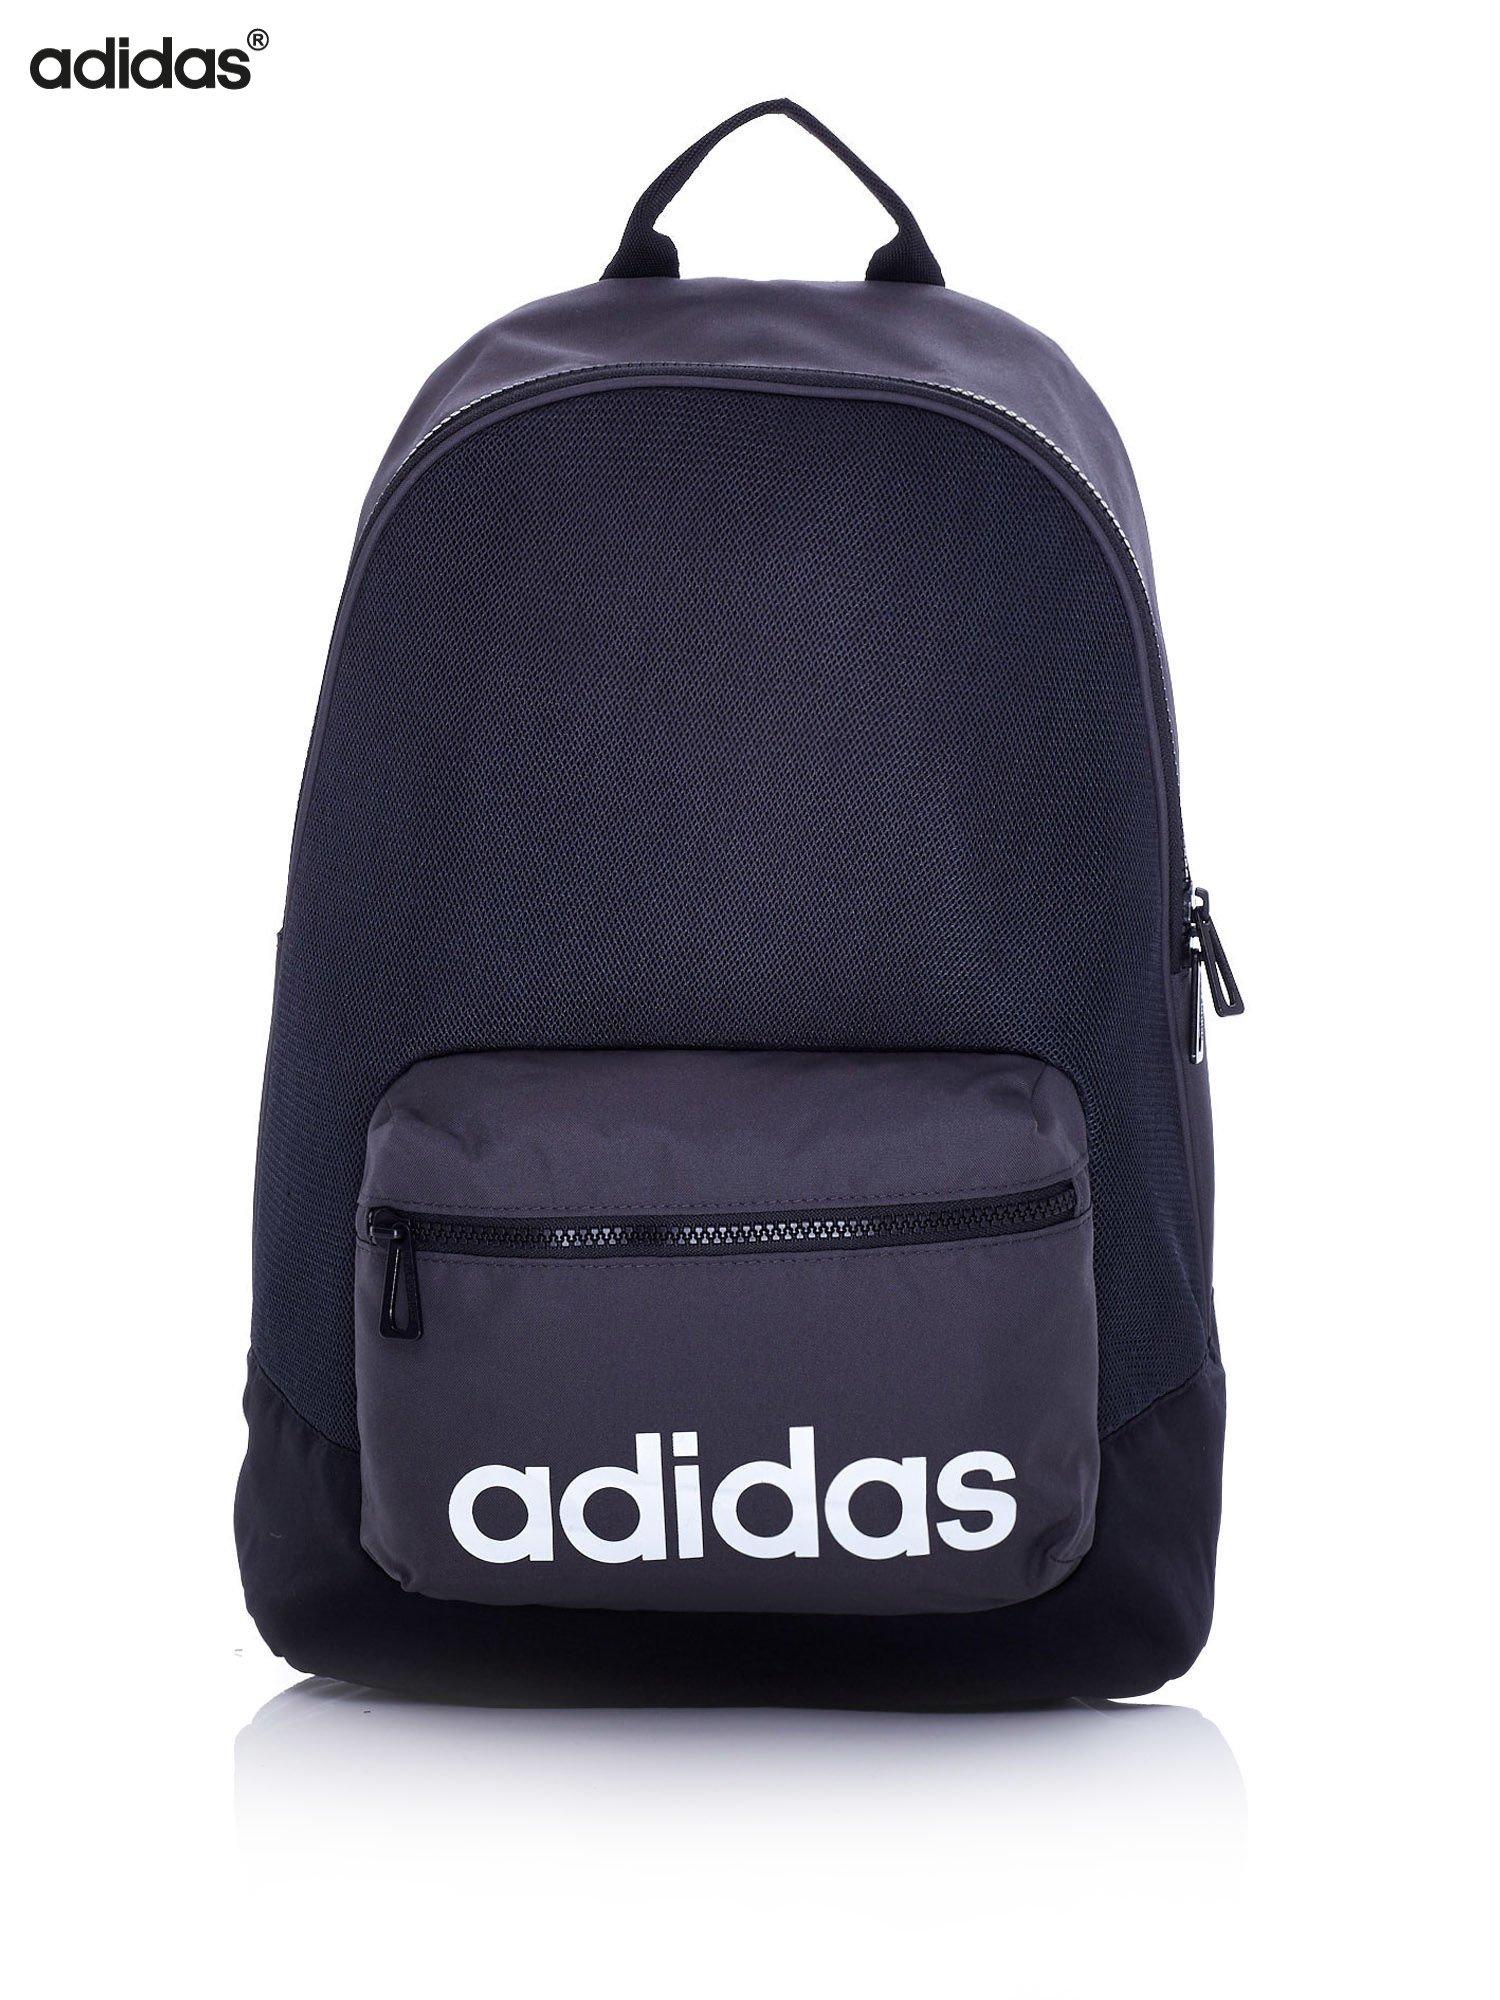 58345a85694b0 ADIDAS Czarny szkolny plecak z ozdobną kieszenią - Dziecko Plecaki ...